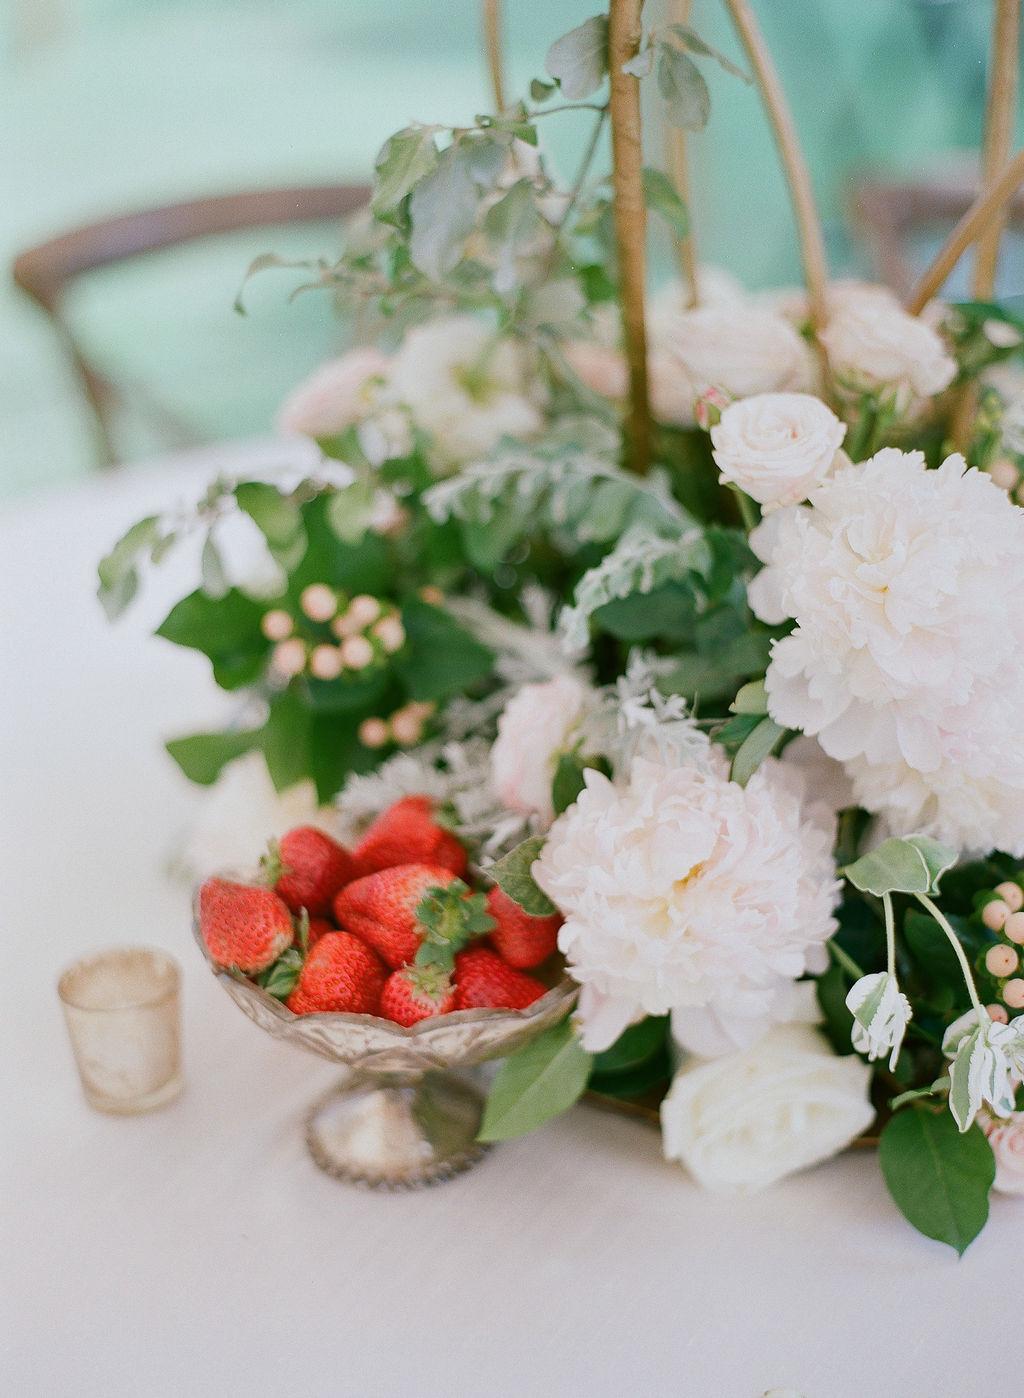 North Carolina Wedding, Events by Reagan, Destination Wedding Planner, Flower arrangement